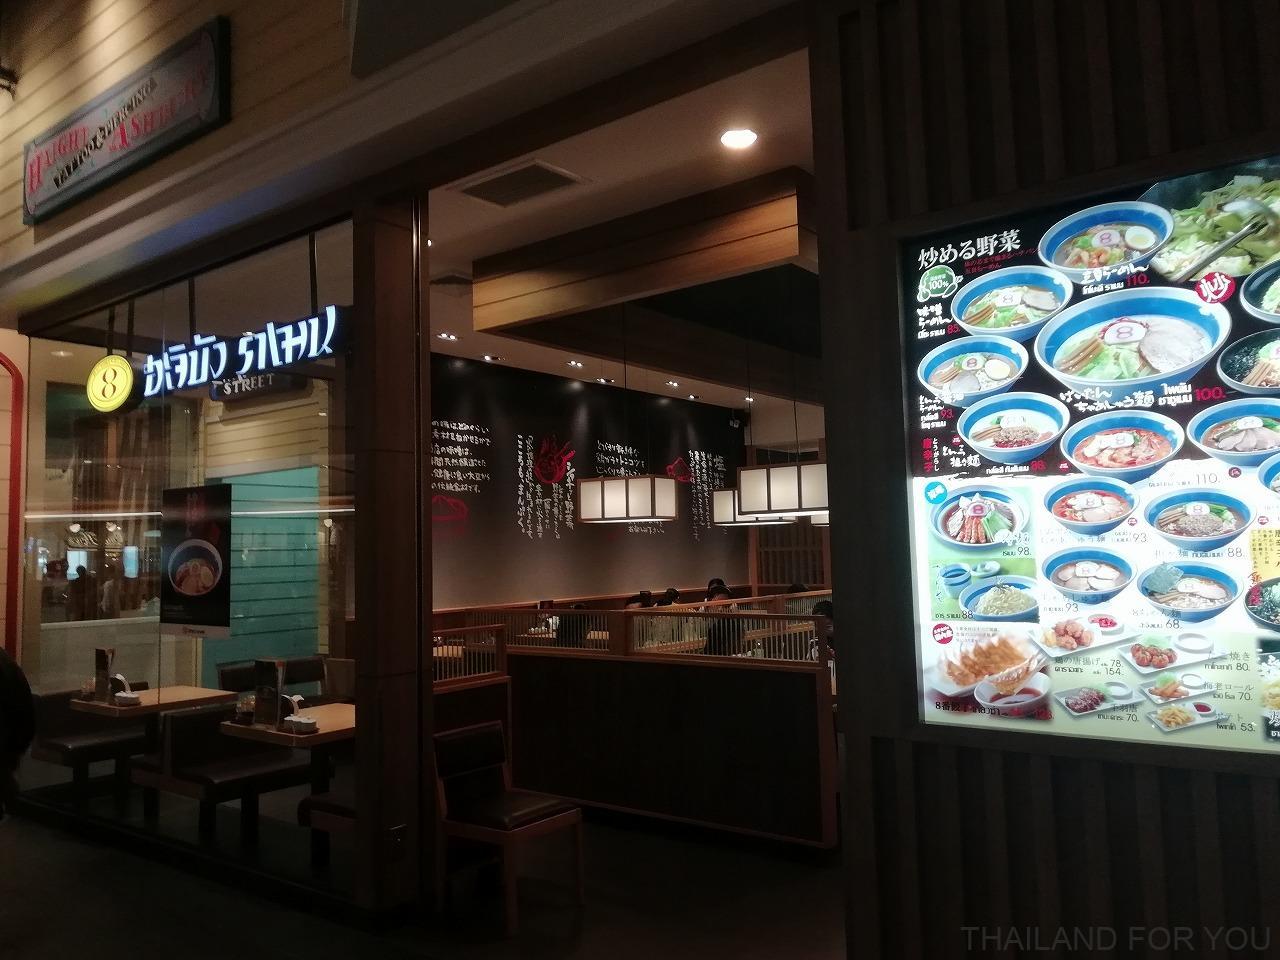 ターミナル21 コラート 8番ラーメン 写真 画像